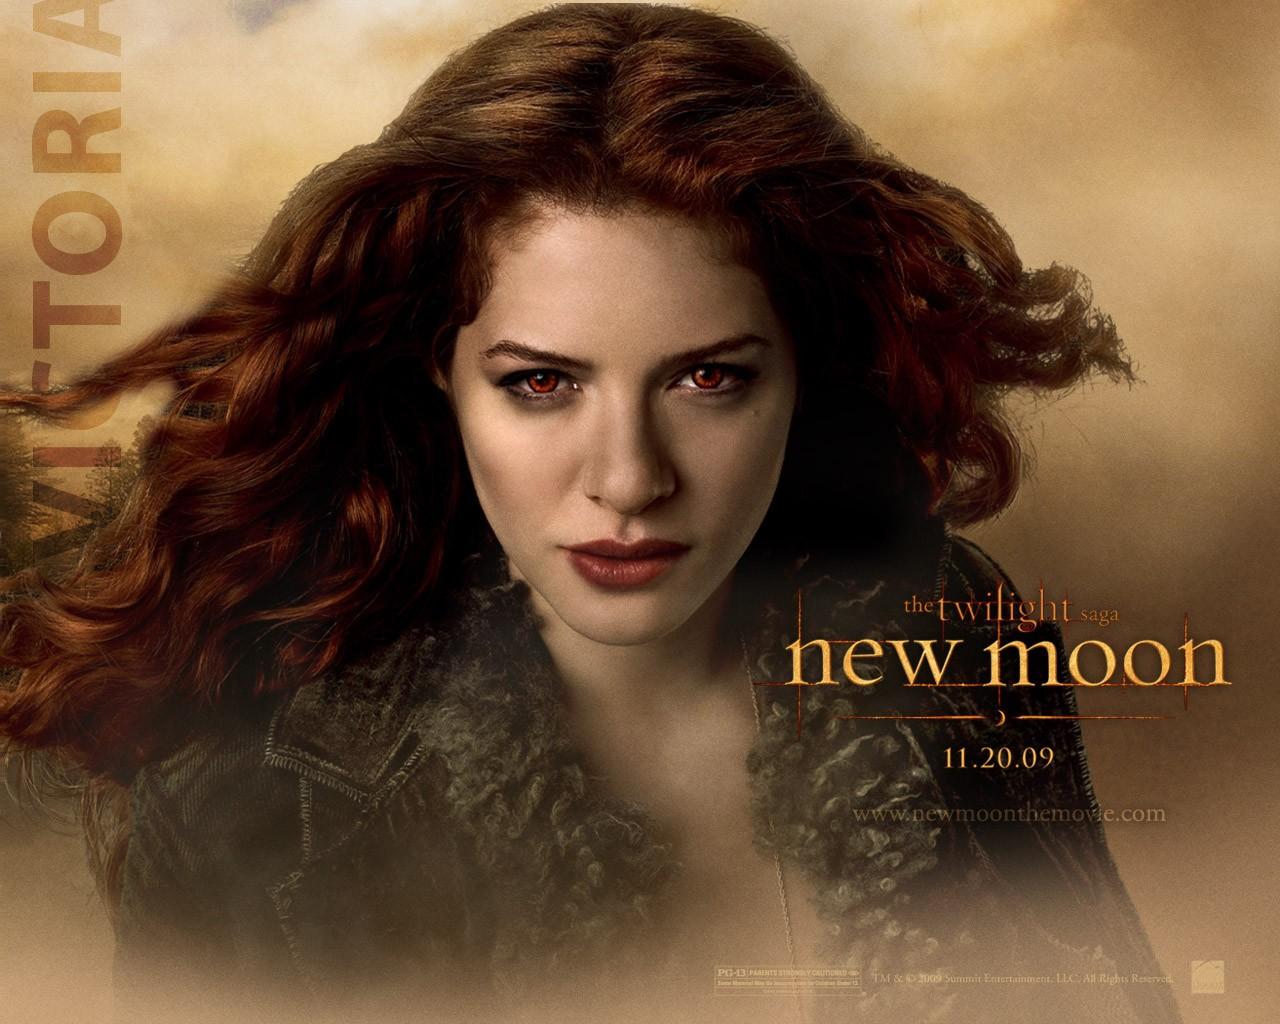 Un wallpaper dedicato al personaggio di Victoria (Rachelle Lefevre) per il film Twilight Saga: New Moon